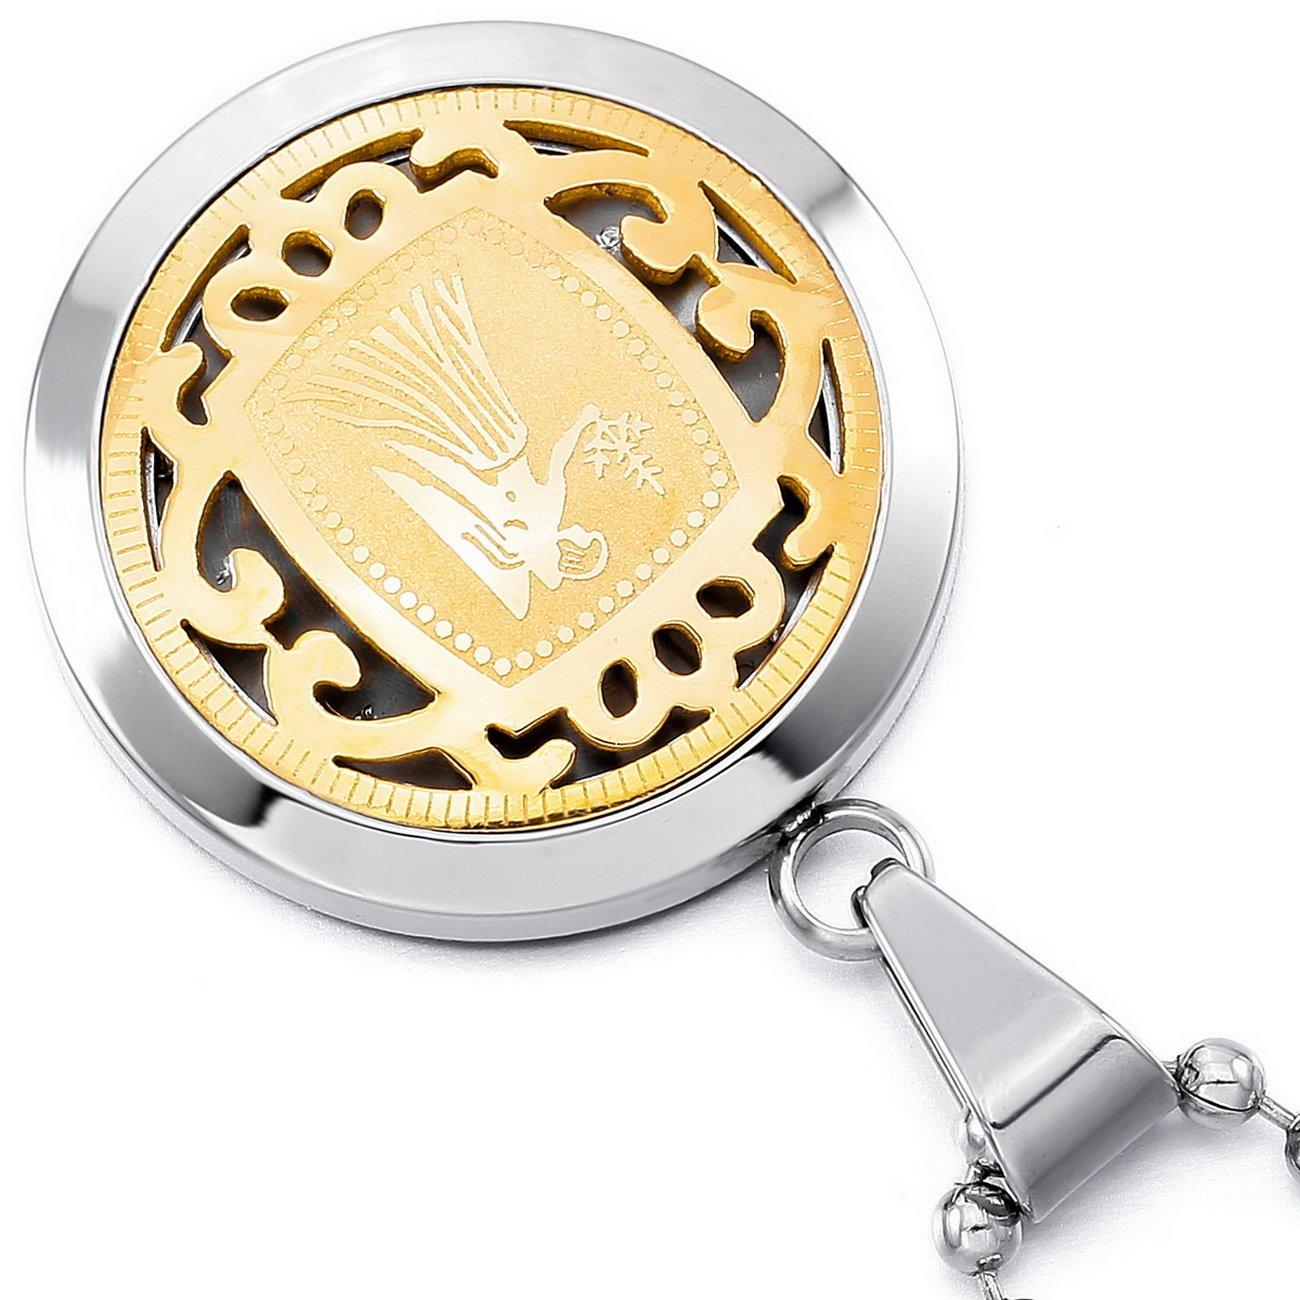 MeMeDIY Argento Oro Due Tono Acciaio Inossidabile Pendente Ciondolo Collana Zodiaco Zodiaco Zodiac,Catenina Lunga 58 cm Inclusa Personalizzato Incisione